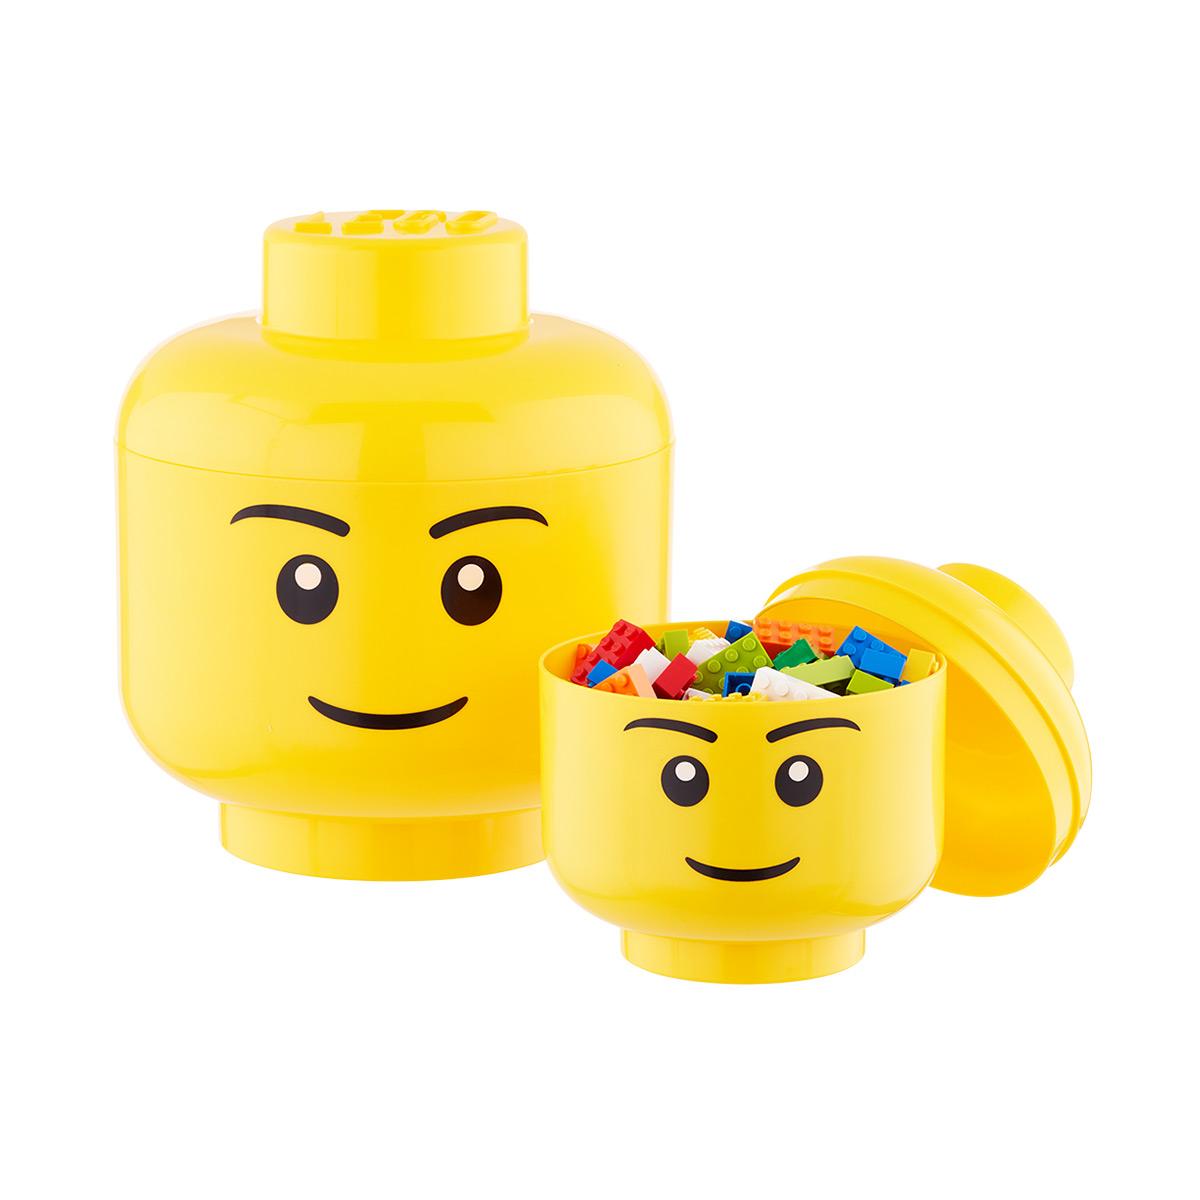 Lego Storage Heads ...